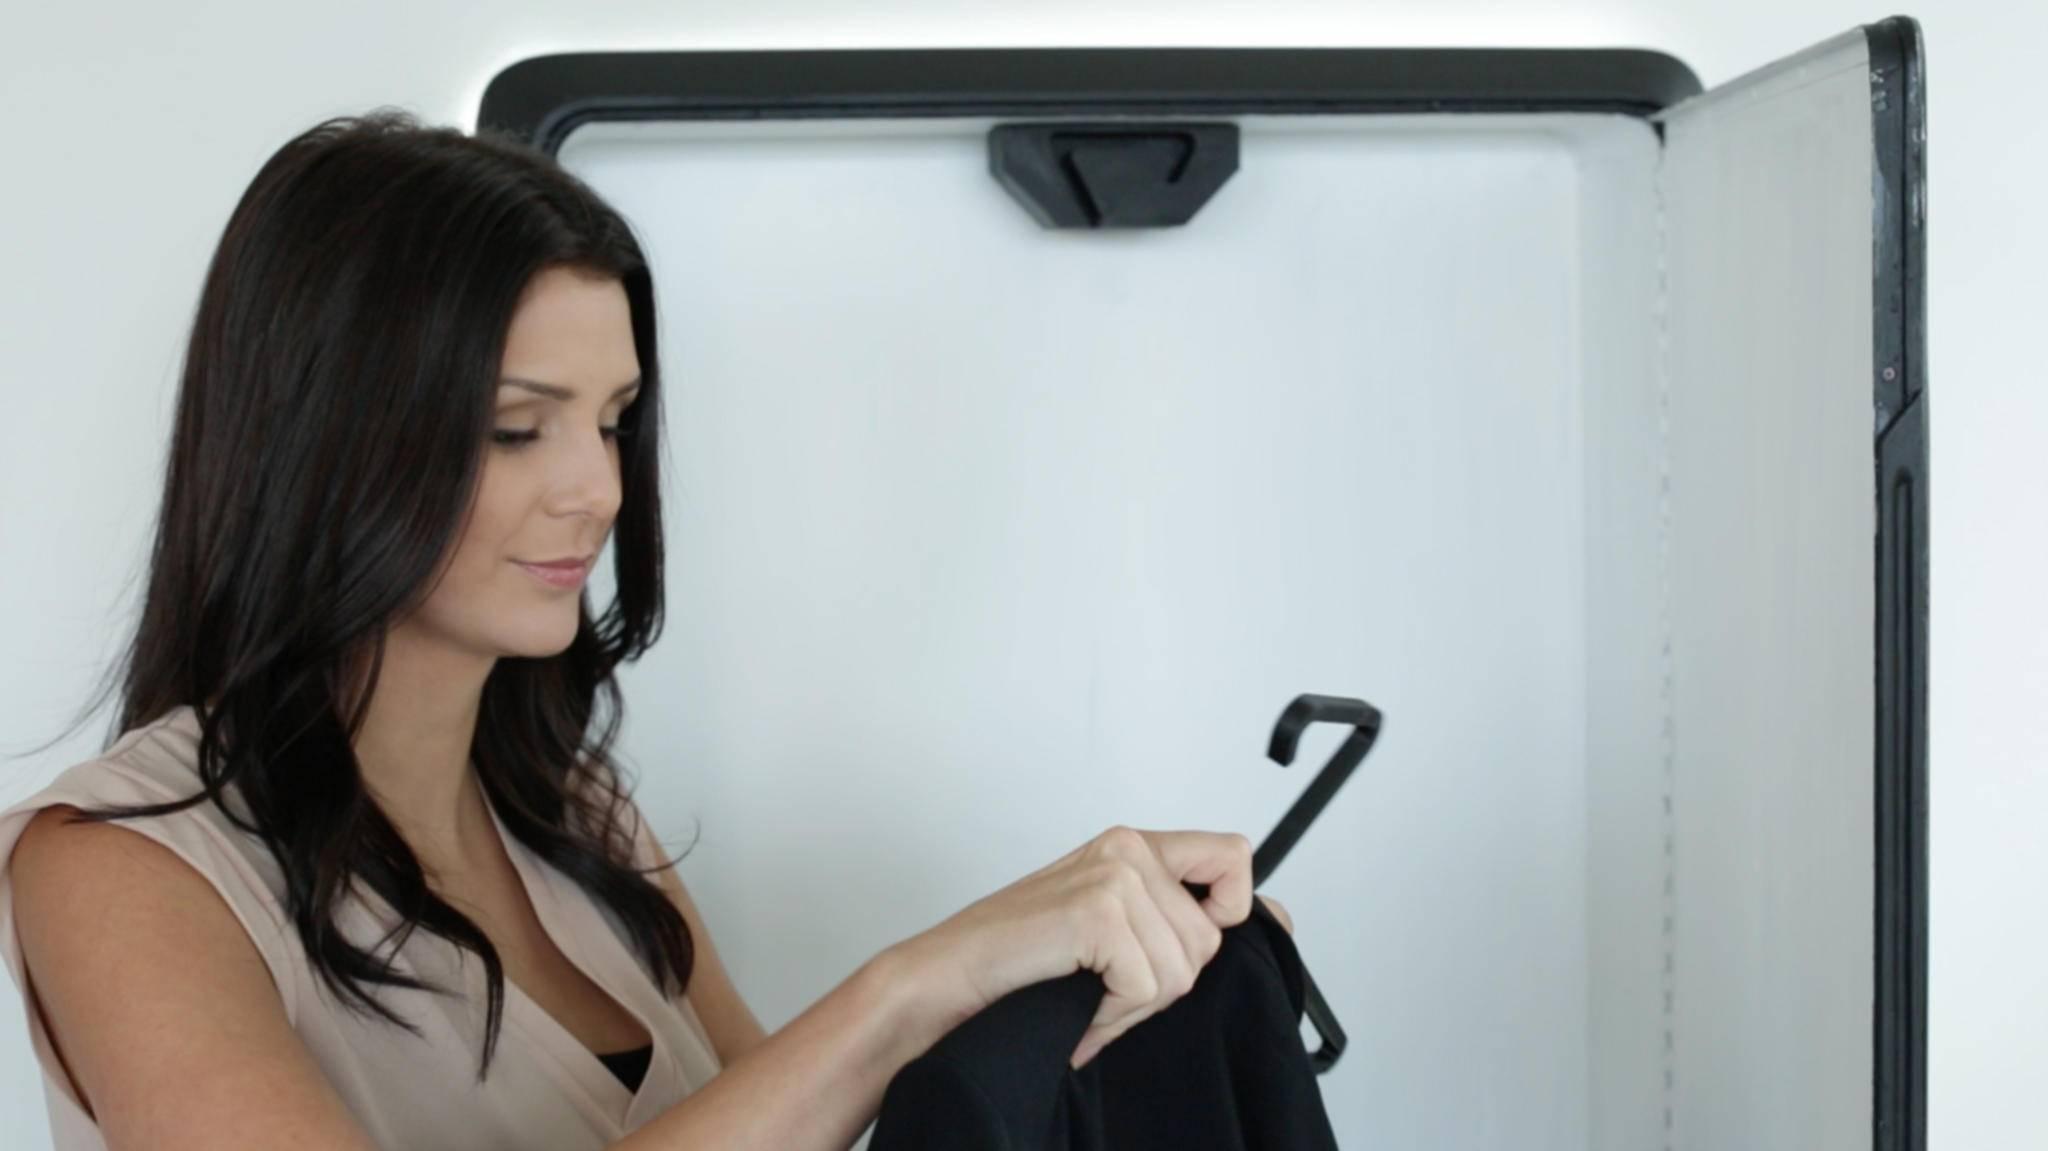 Bevor Kleidung in die Wäsche muss, kann es im Tersa Steam aufgefrischt werden.